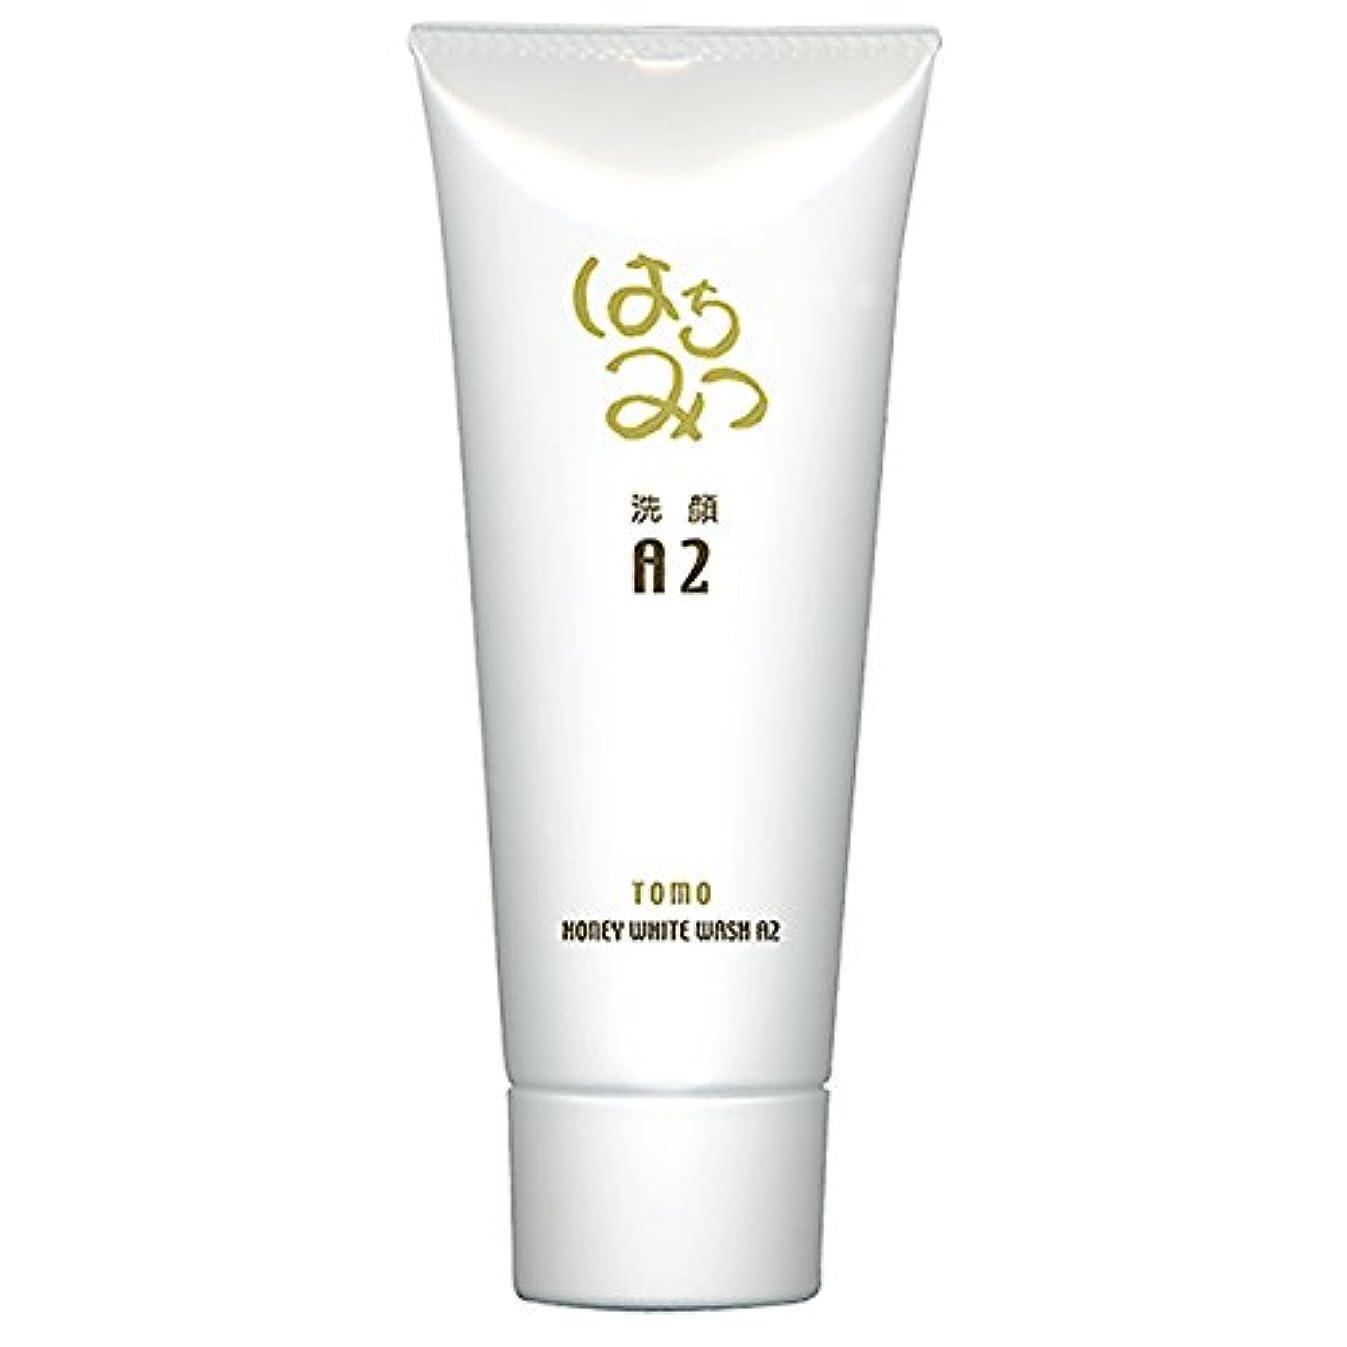 場合レジデンス解放国産マリンシルト(泥ミネラル)の洗顔 低刺激 植物系洗浄成分 ハニーホワイトウォッシュA2 120g